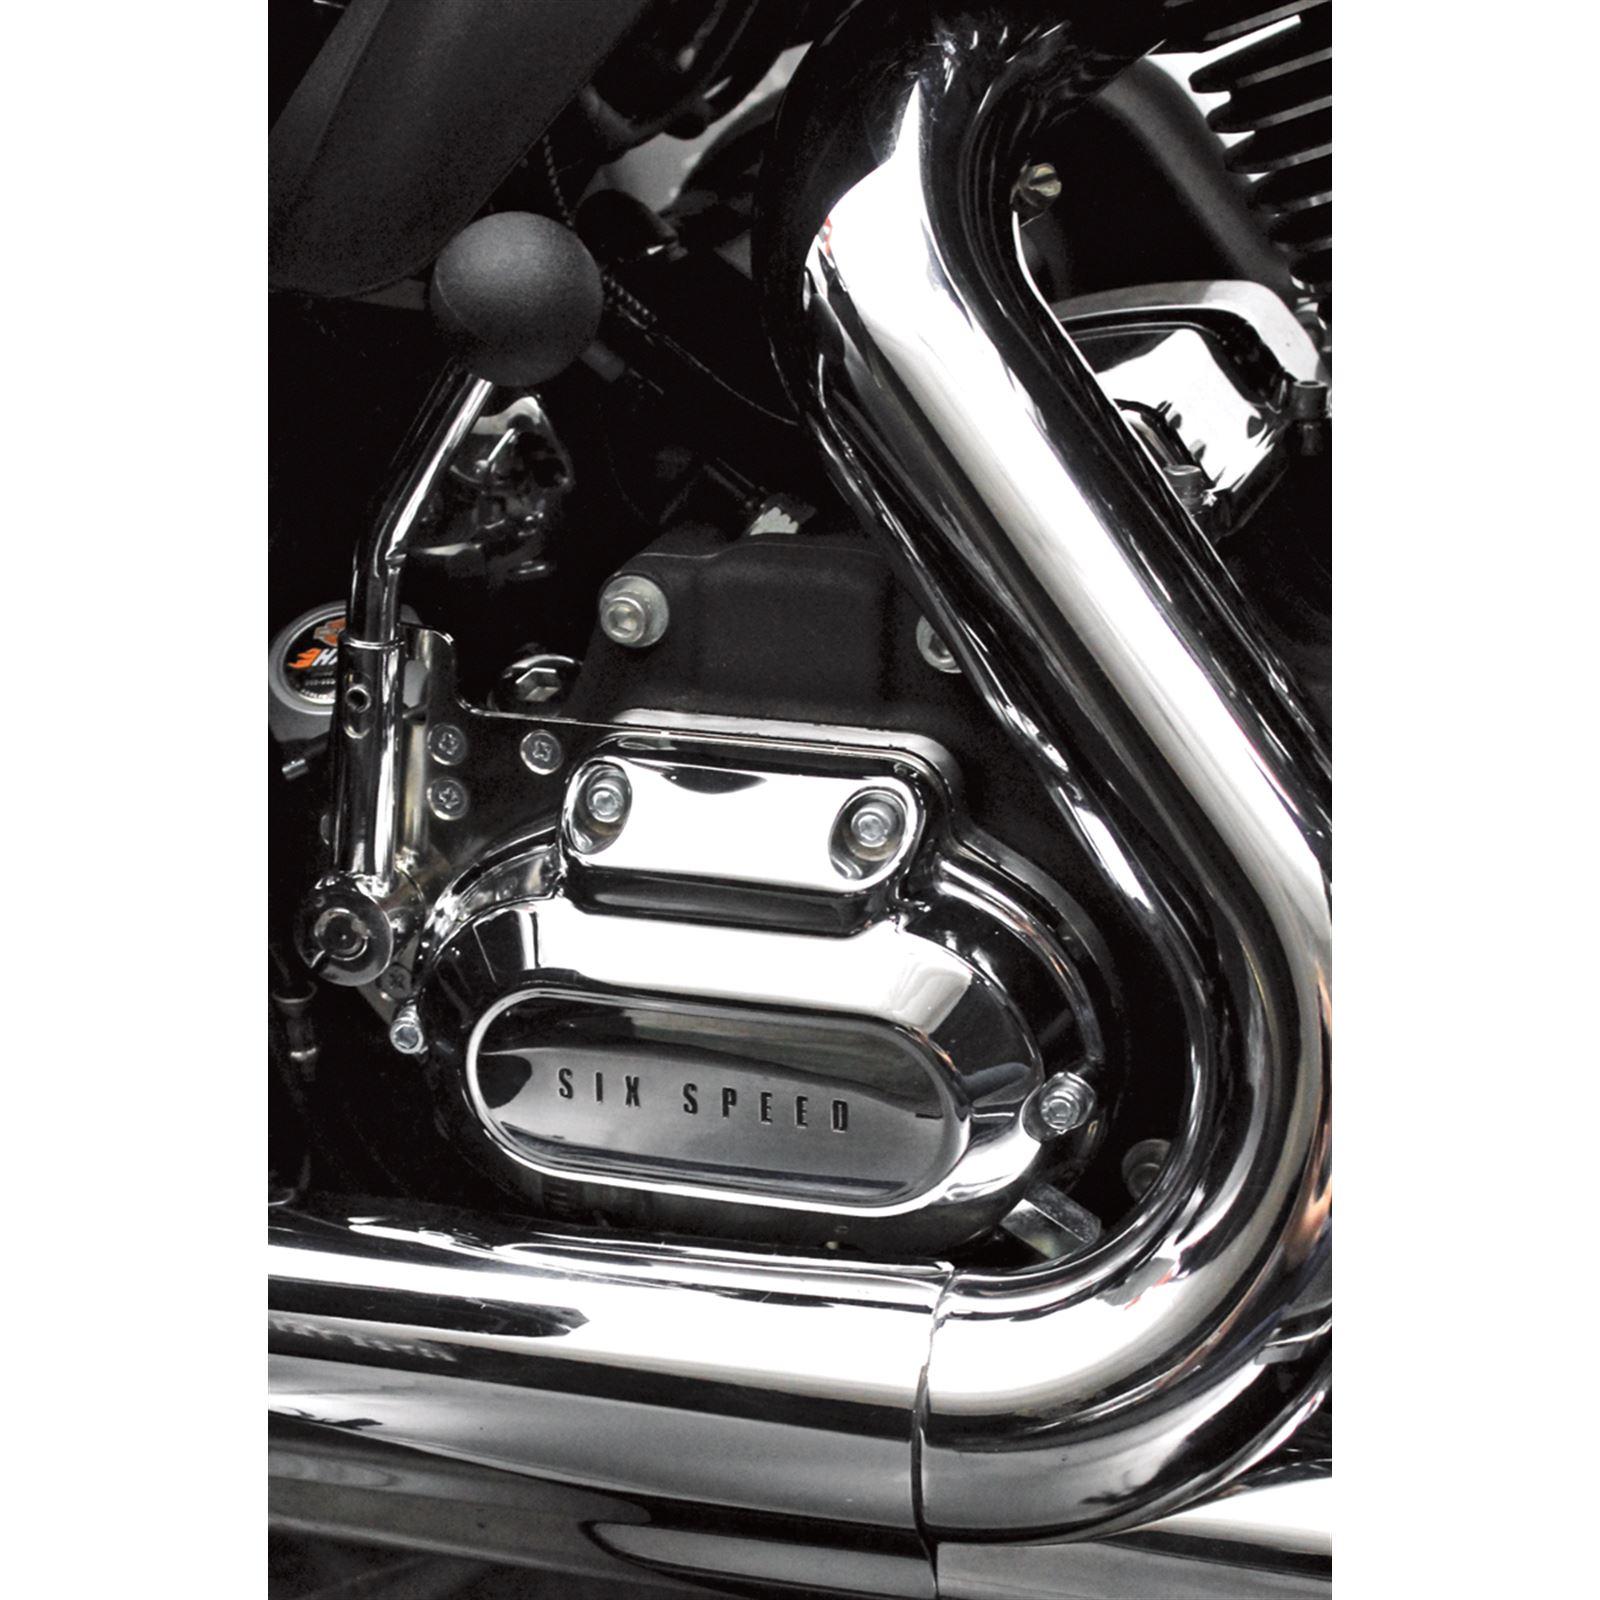 Motor Trike Reverse Gear '85-06 - 5-Speed Cable